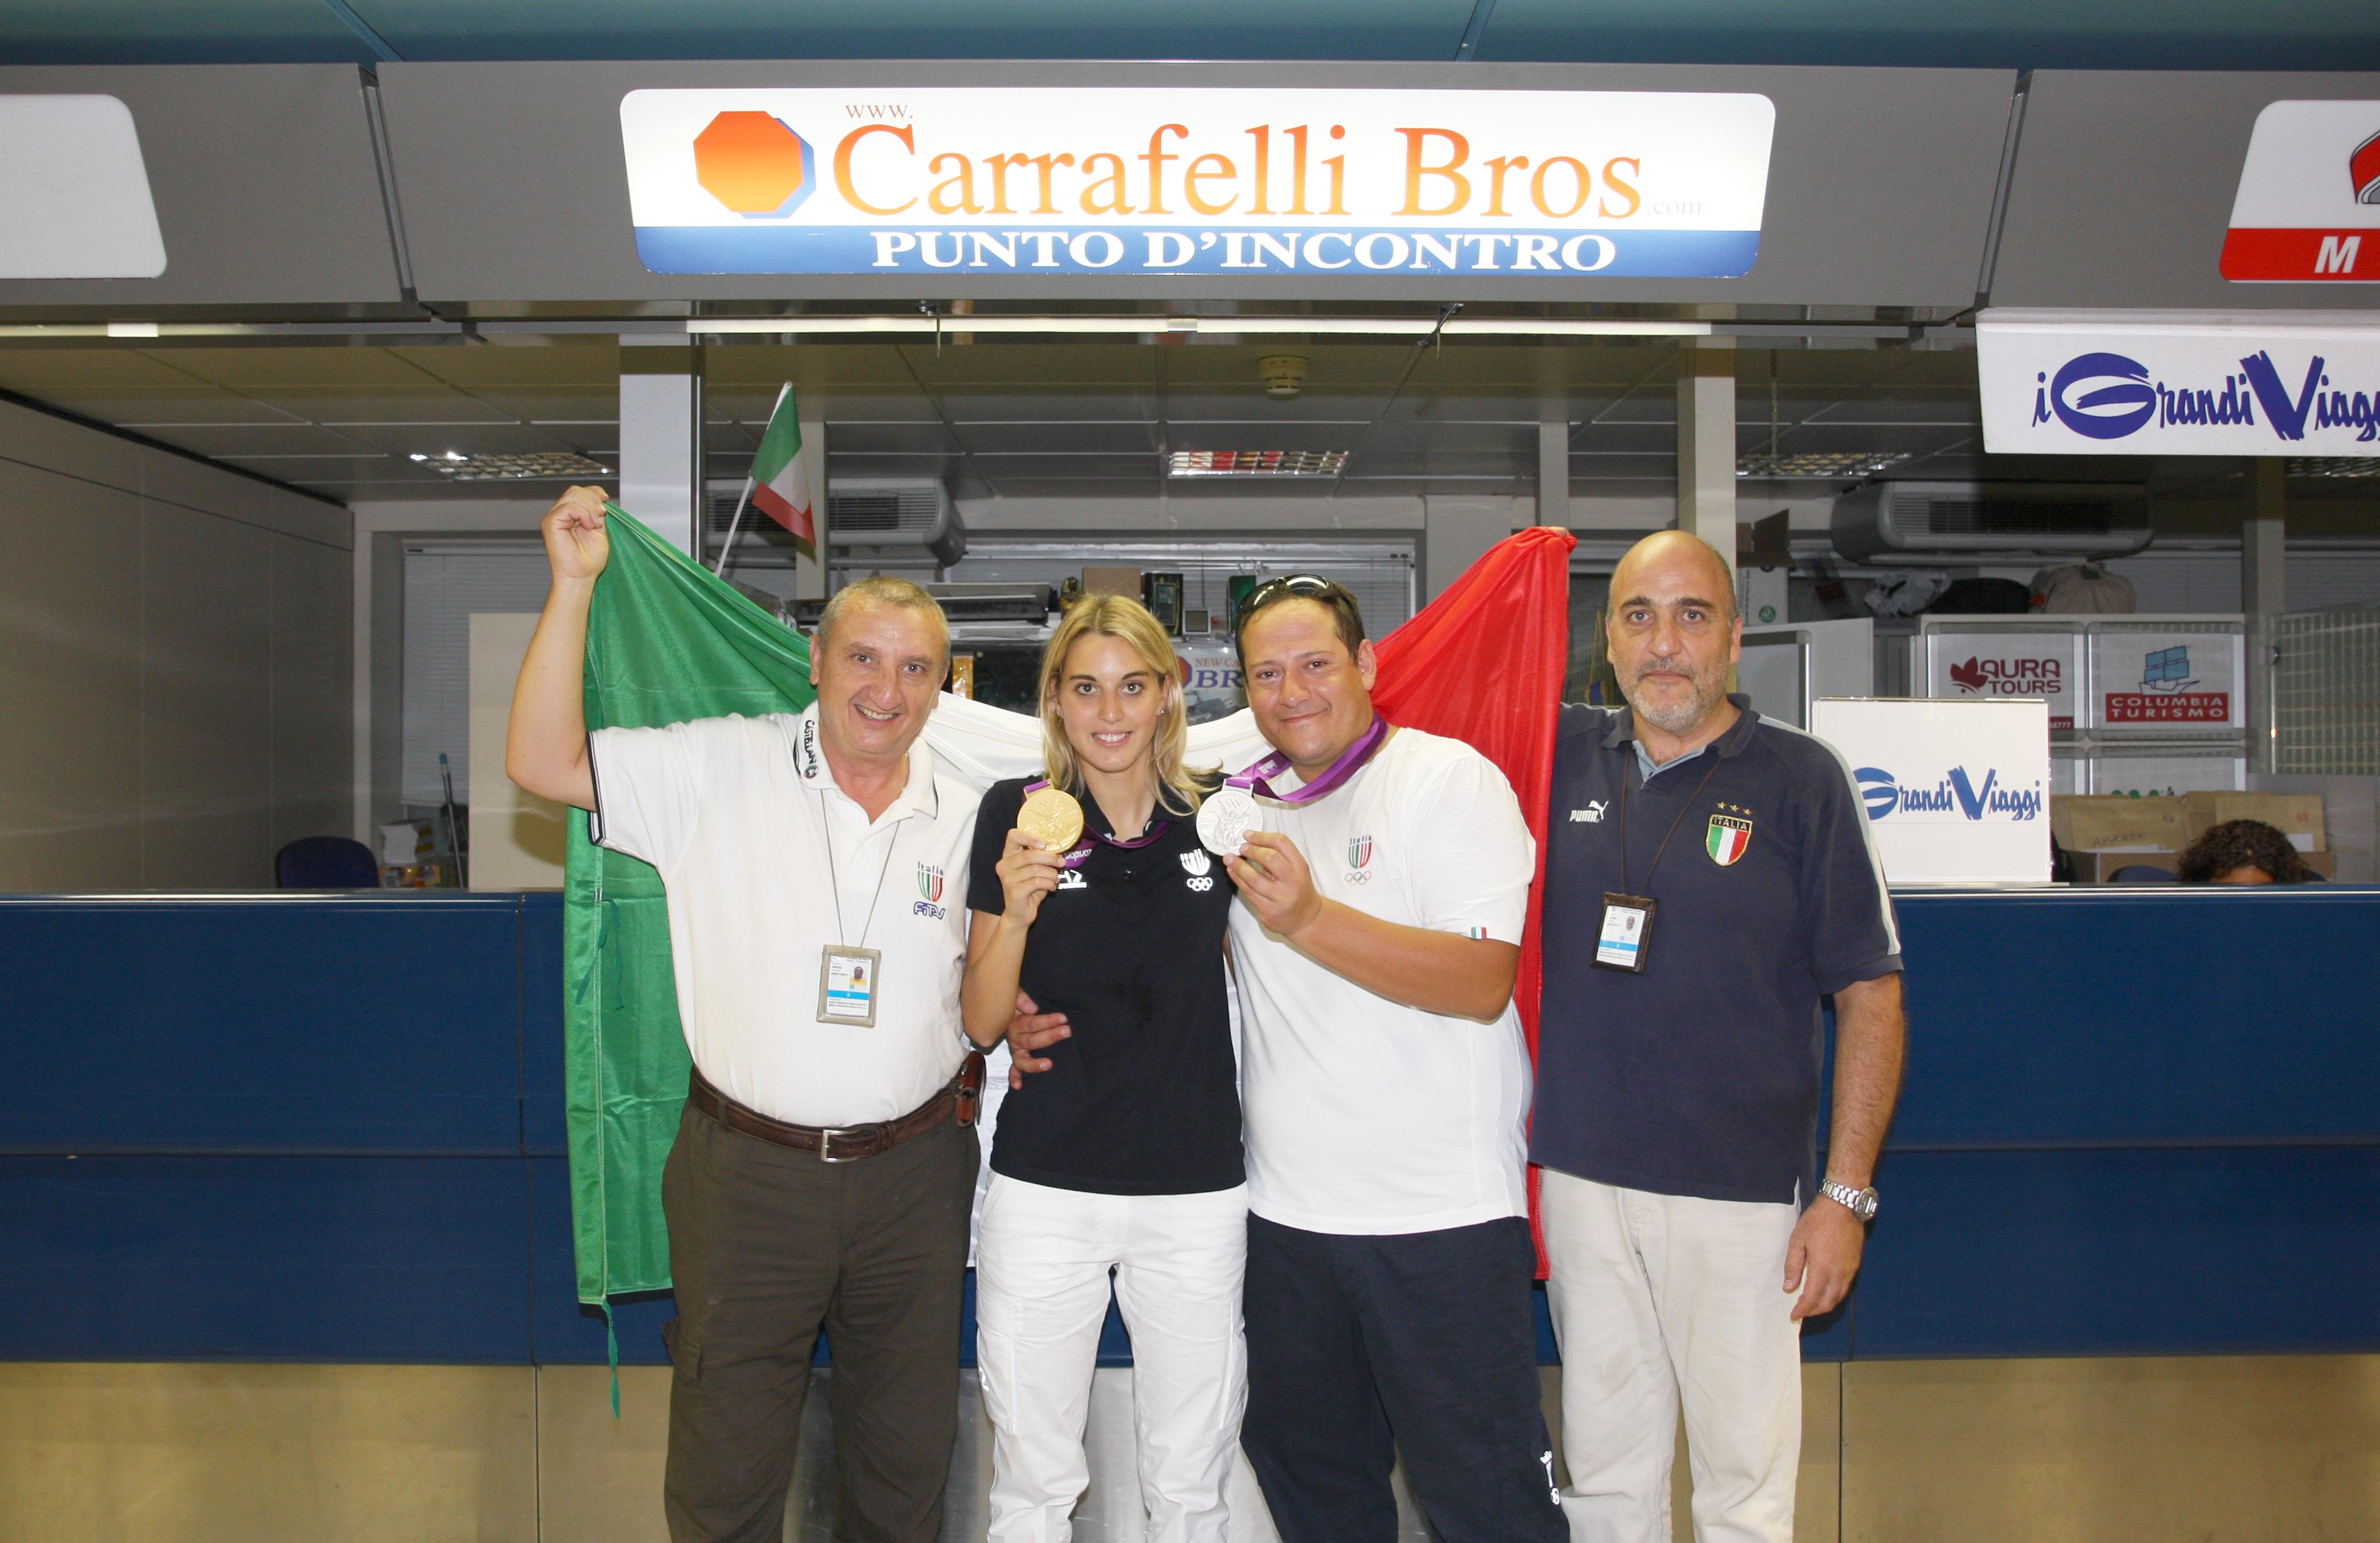 CARRAFELLI-BROS-CLIENT